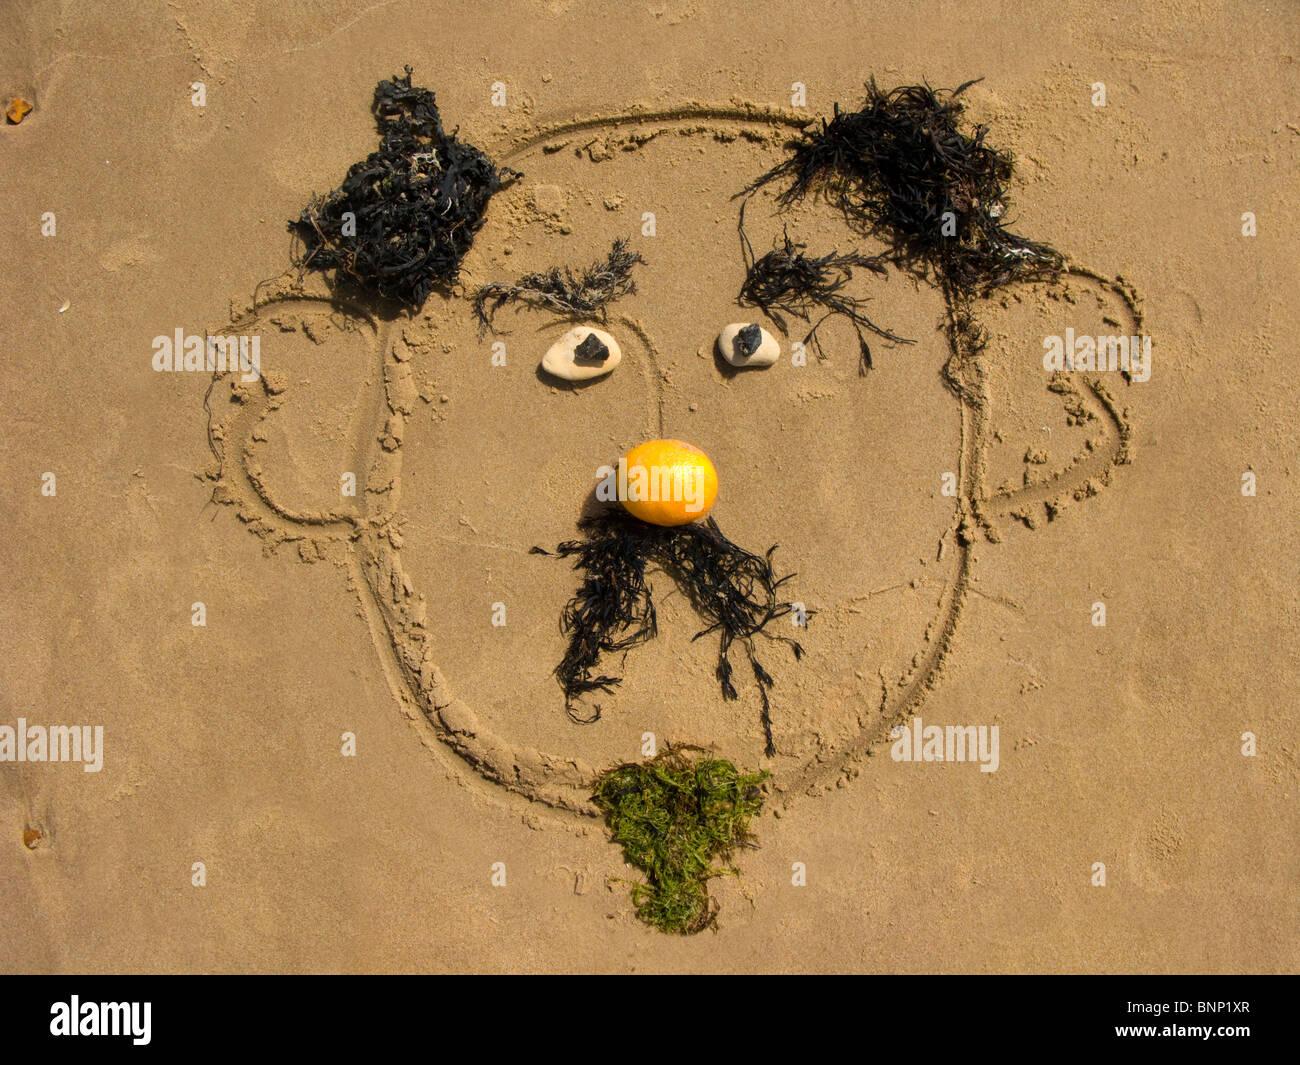 Un Disegno Sulla Sabbia Di Una Faccia Buffa Con Una Barba Di Alghe